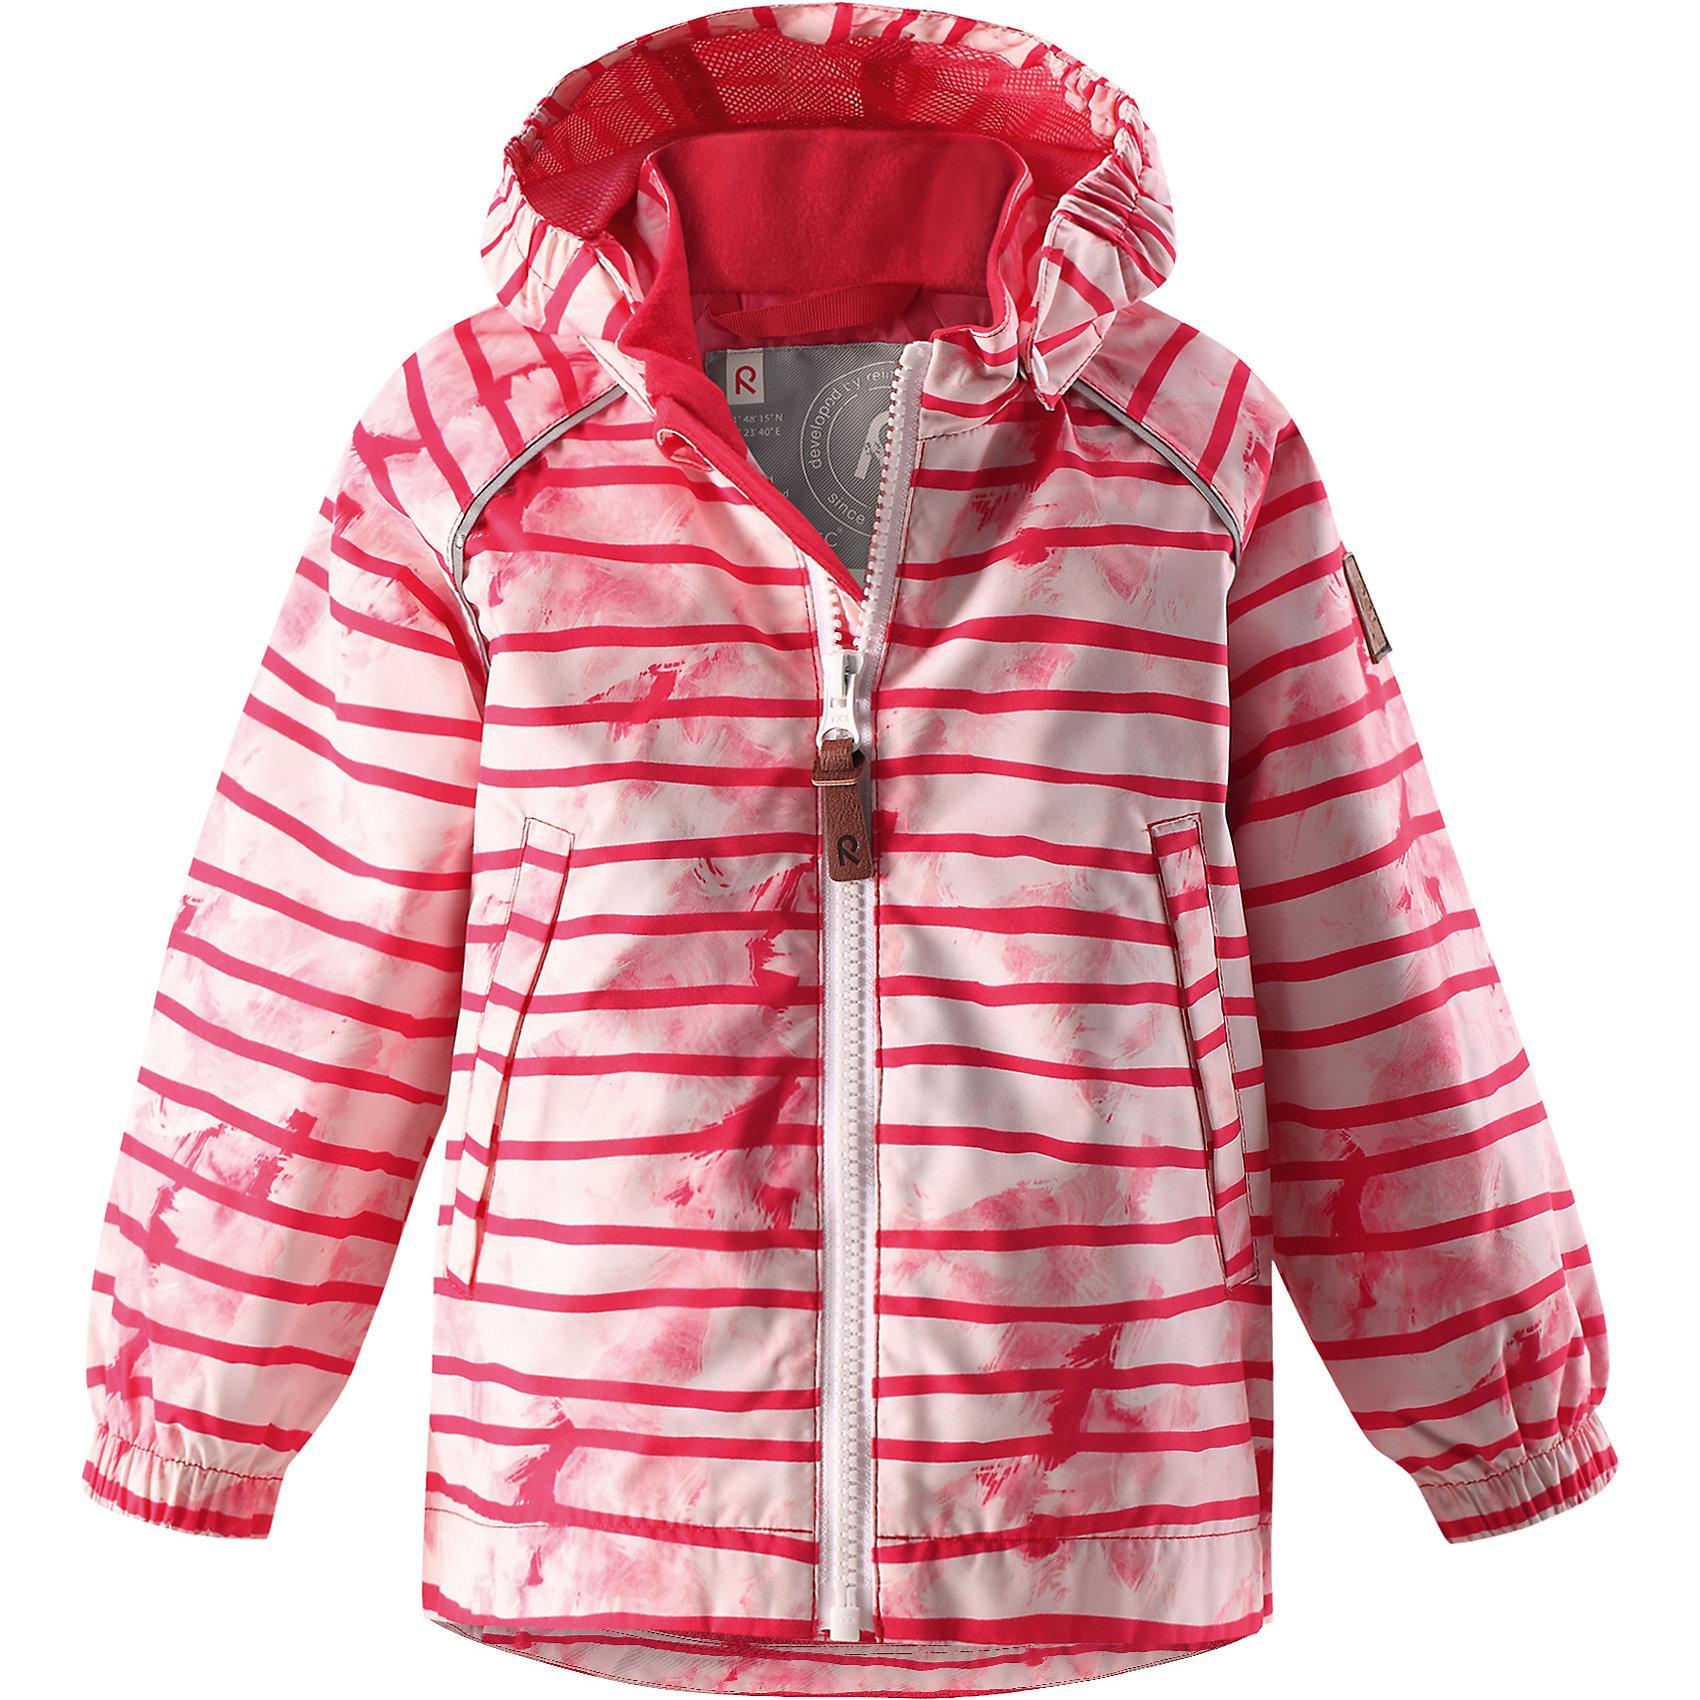 Куртка для девочки Reimatec® ReimaКуртка для девочки от финского бренда Reima.<br>Куртка демисезонная для малышей. Основные швы проклеены и не пропускают влагу. Водо- и ветронепроницаемый, «дышащий» и грязеотталкивающий материал. Гладкая подкладка из полиэстра на теле, подкладка из mesh-сетки на капюшоне. Безопасный, съемный капюшон. Эластичные манжеты. Два боковых кармана.<br>Состав:<br>100% Полиэстер, полиуретановая мембрана<br><br>Уход:<br>Стирать по отдельности, вывернув наизнанку. Застегнуть молнии и липучки. Стирать моющим средством, не содержащим отбеливающие вещества. Полоскать без специального средства. Во избежание изменения цвета изделие необходимо вынуть из стиральной машинки незамедлительно после окончания программы стирки. Сушить при низкой температуре.<br><br>Ширина мм: 356<br>Глубина мм: 10<br>Высота мм: 245<br>Вес г: 519<br>Цвет: розовый<br>Возраст от месяцев: 6<br>Возраст до месяцев: 9<br>Пол: Женский<br>Возраст: Детский<br>Размер: 74,98,92,86,80<br>SKU: 5265592